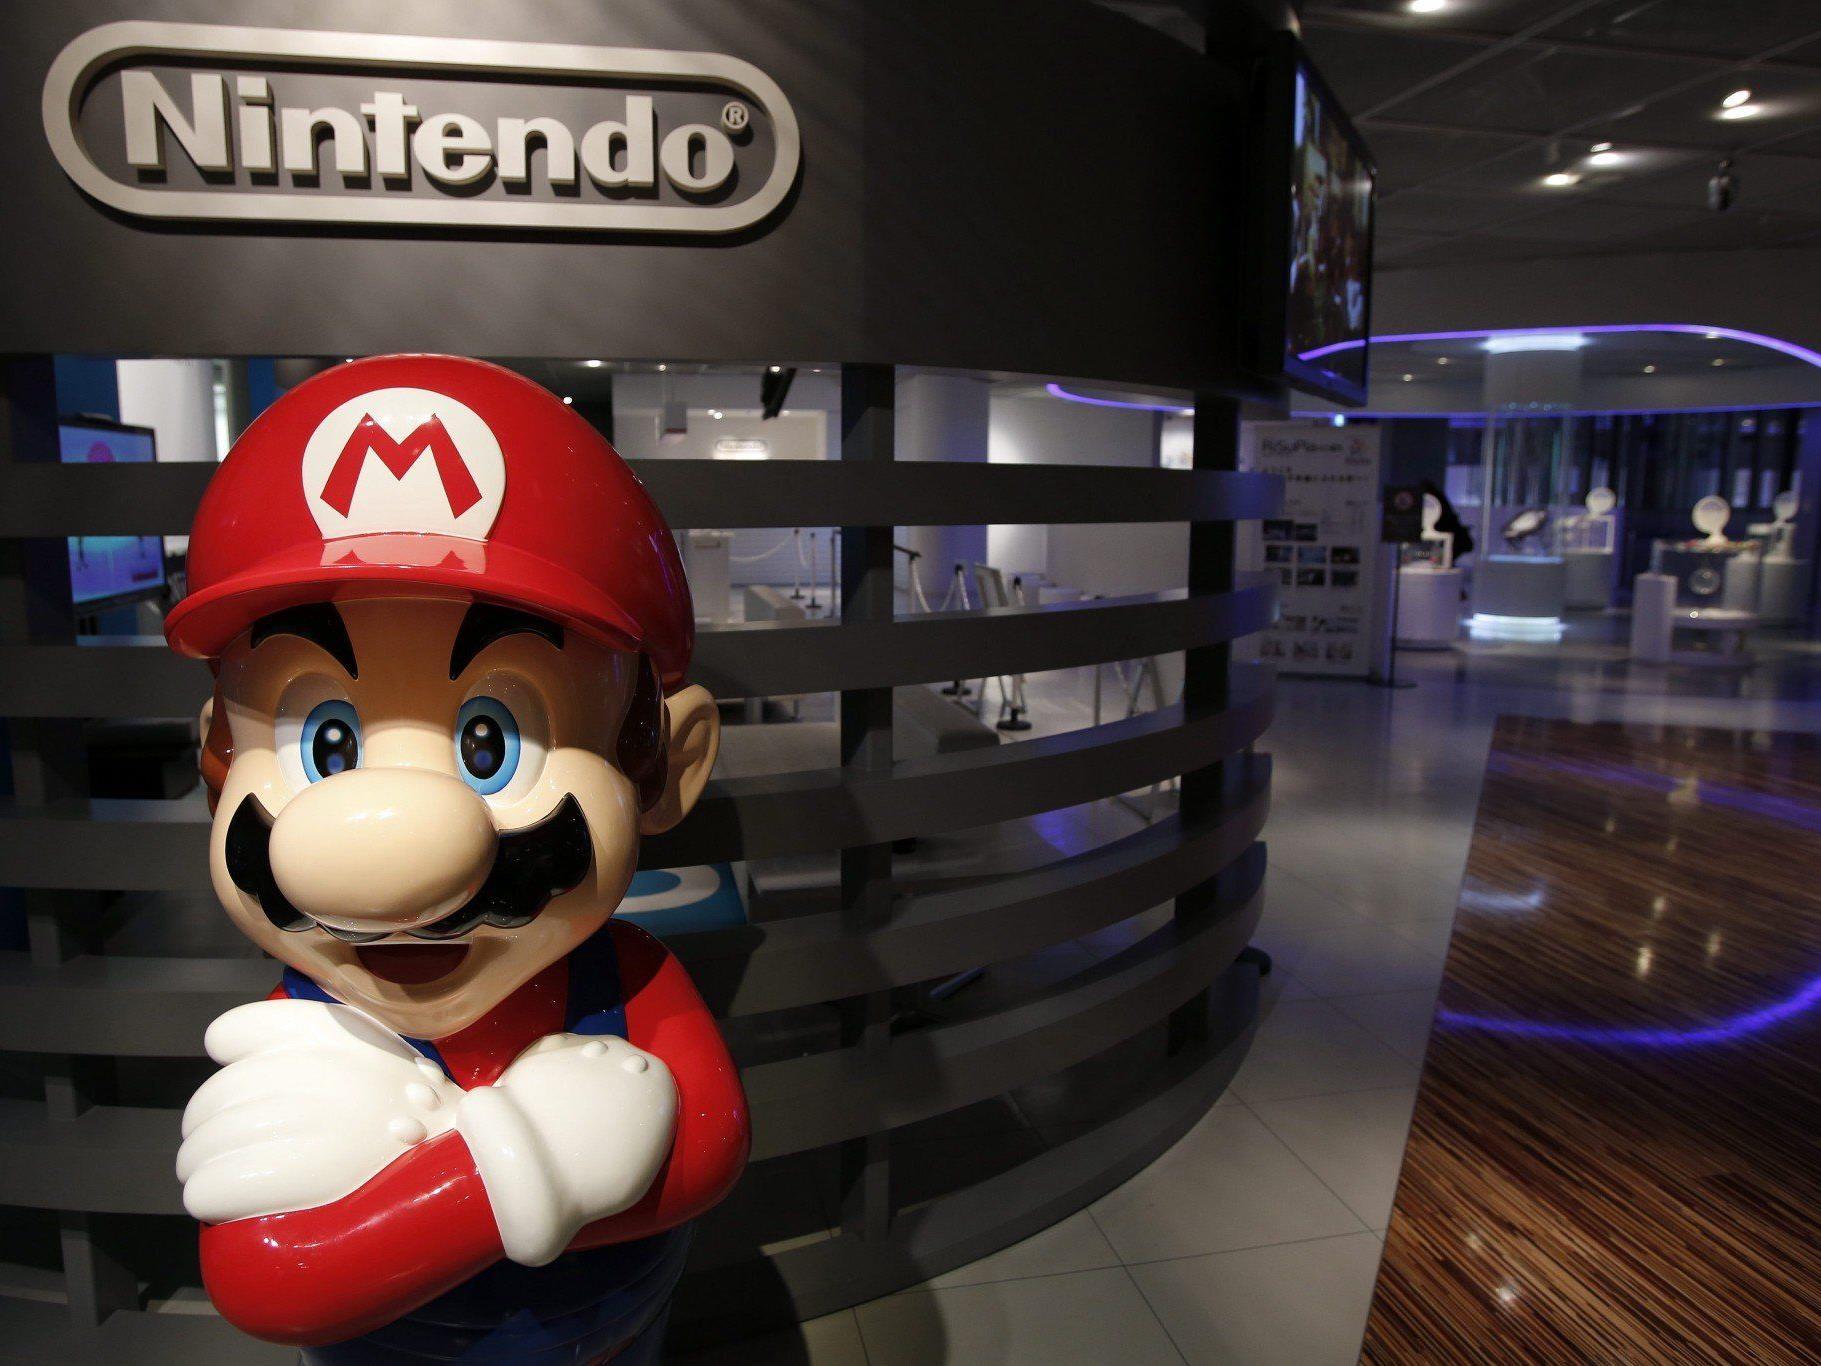 Spielkonsole Wii U erweist sich als Flop.